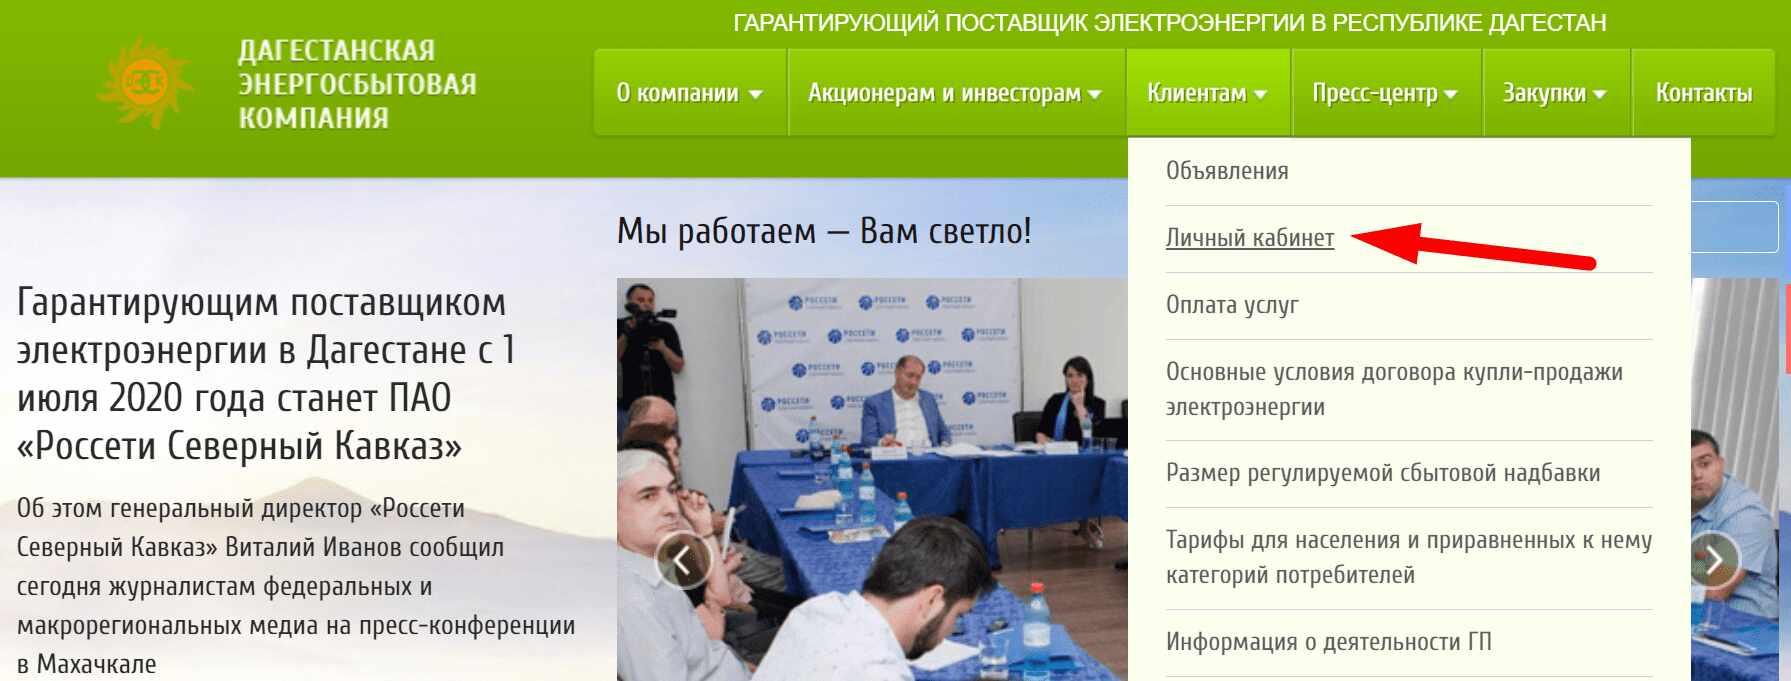 Официальный сайт «ДагЭнергоСбыт»